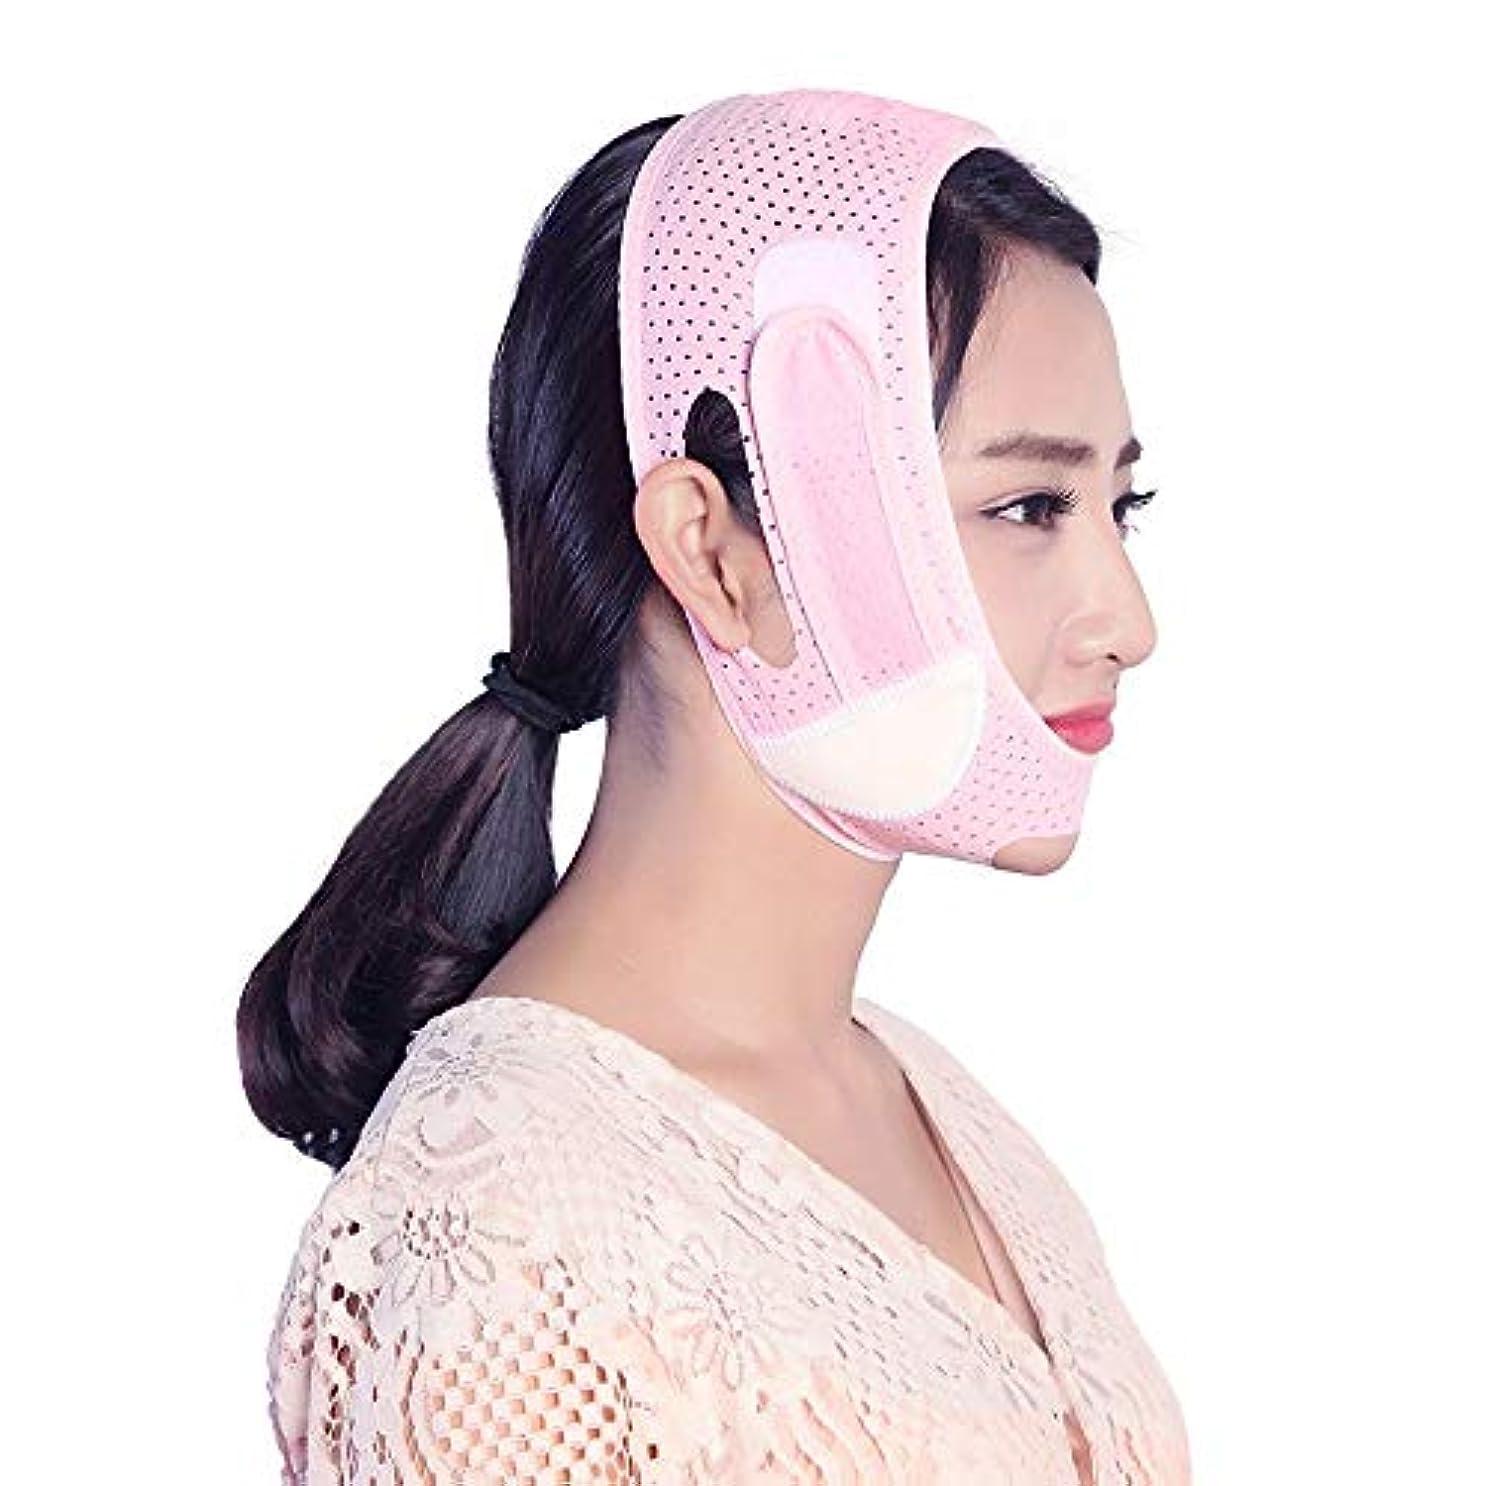 割り当てます予防接種する独創的Jia Jia- 睡眠薄い顔パッチ包帯吊り上げプルv顔引き締めどころアーティファクト判決パターン二重あご薄いマッセルマスク - ピンク 顔面包帯